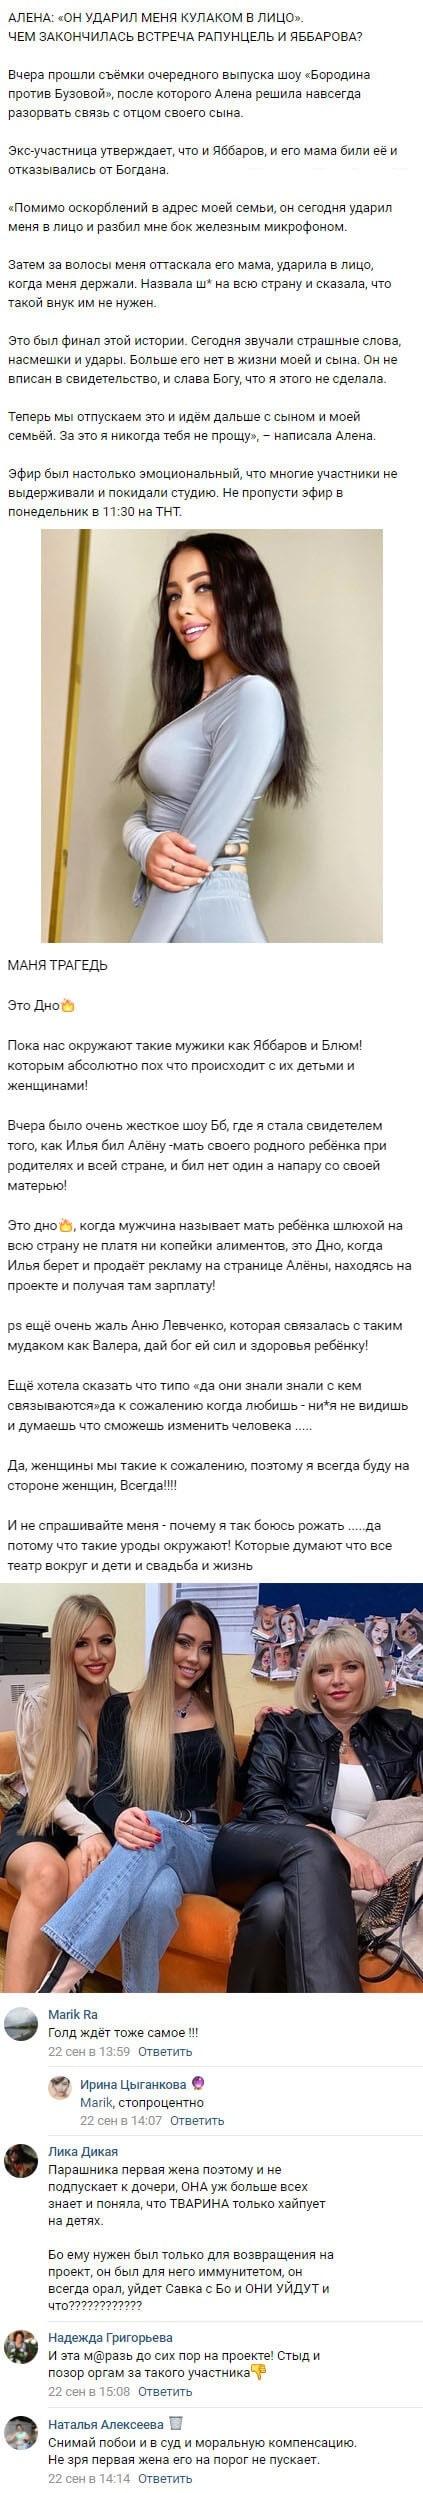 Мать Ильи Яббарова набросилась с кулаками на Алёну Савкину